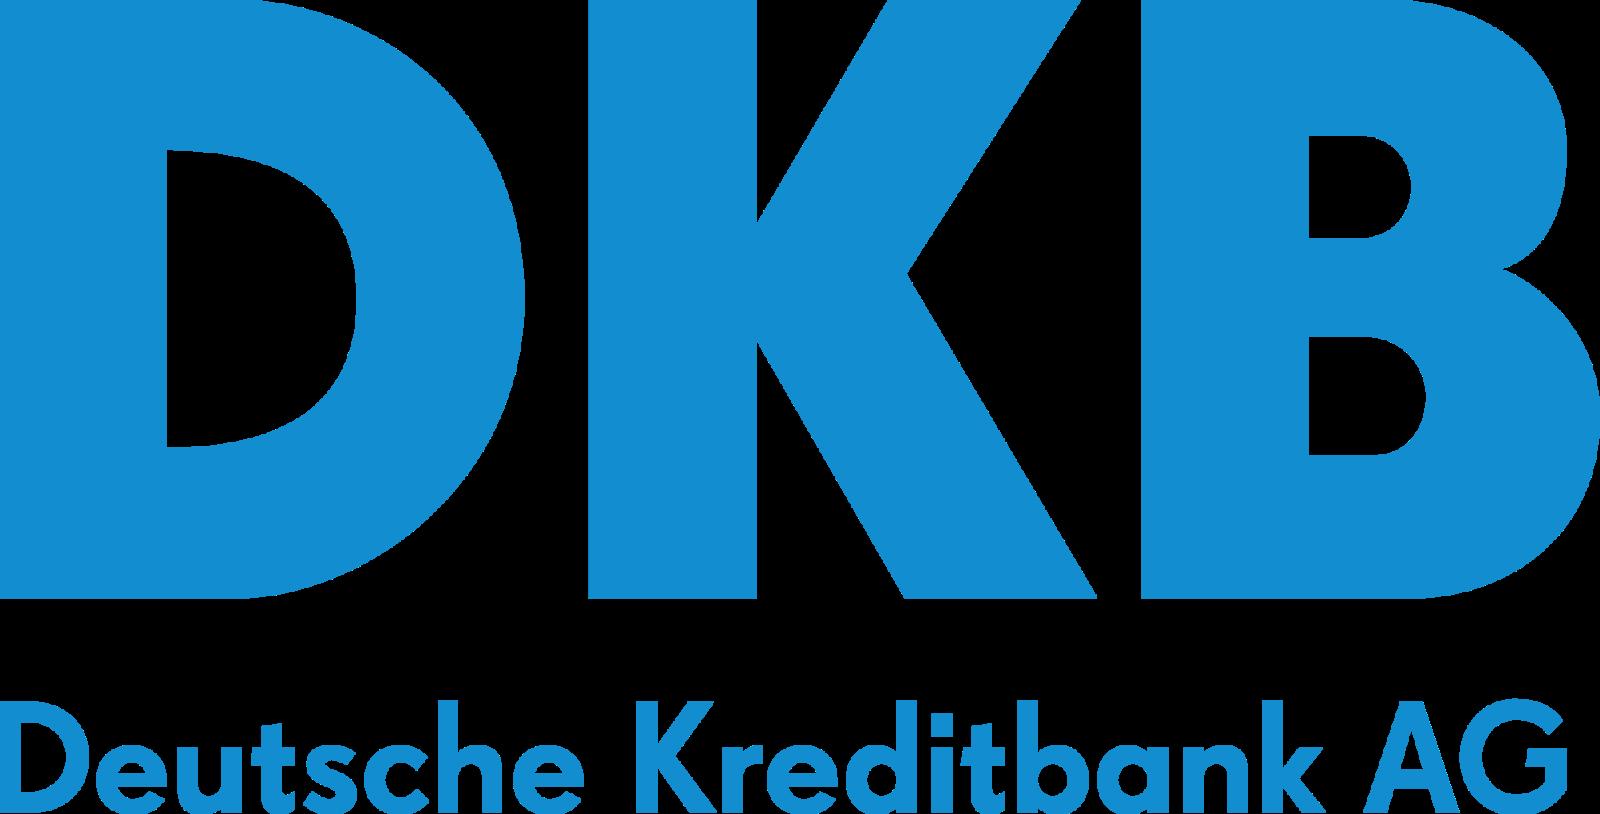 DKB VISA-Card: Push-Benachrichtigungen starten unter Android